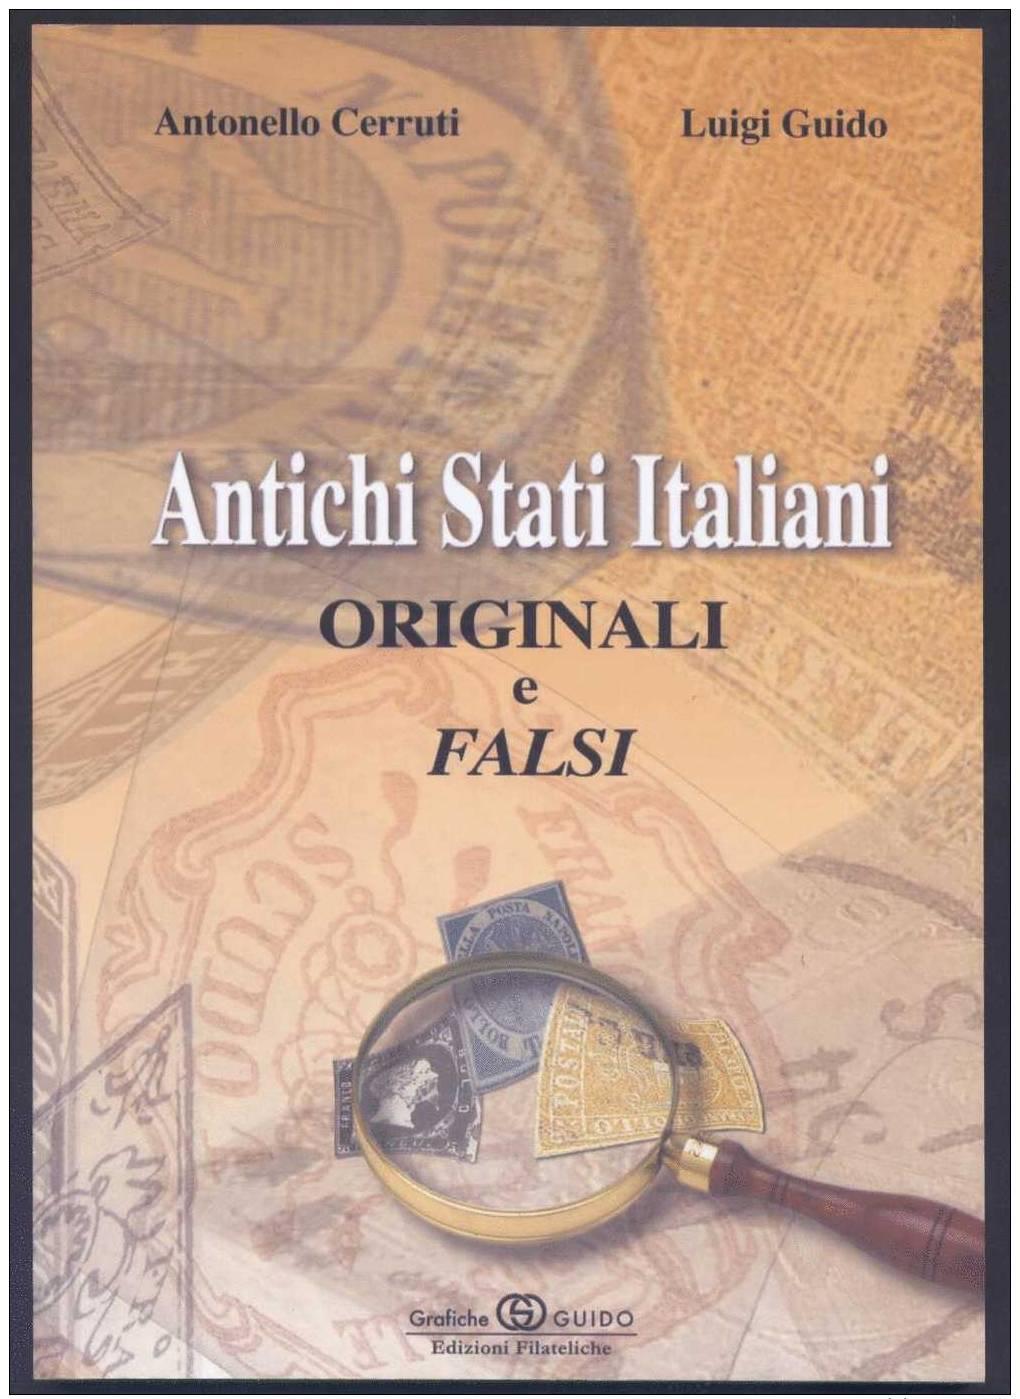 ANTICHI STATI ITALIANI - Originali E Falsi - Letteratura